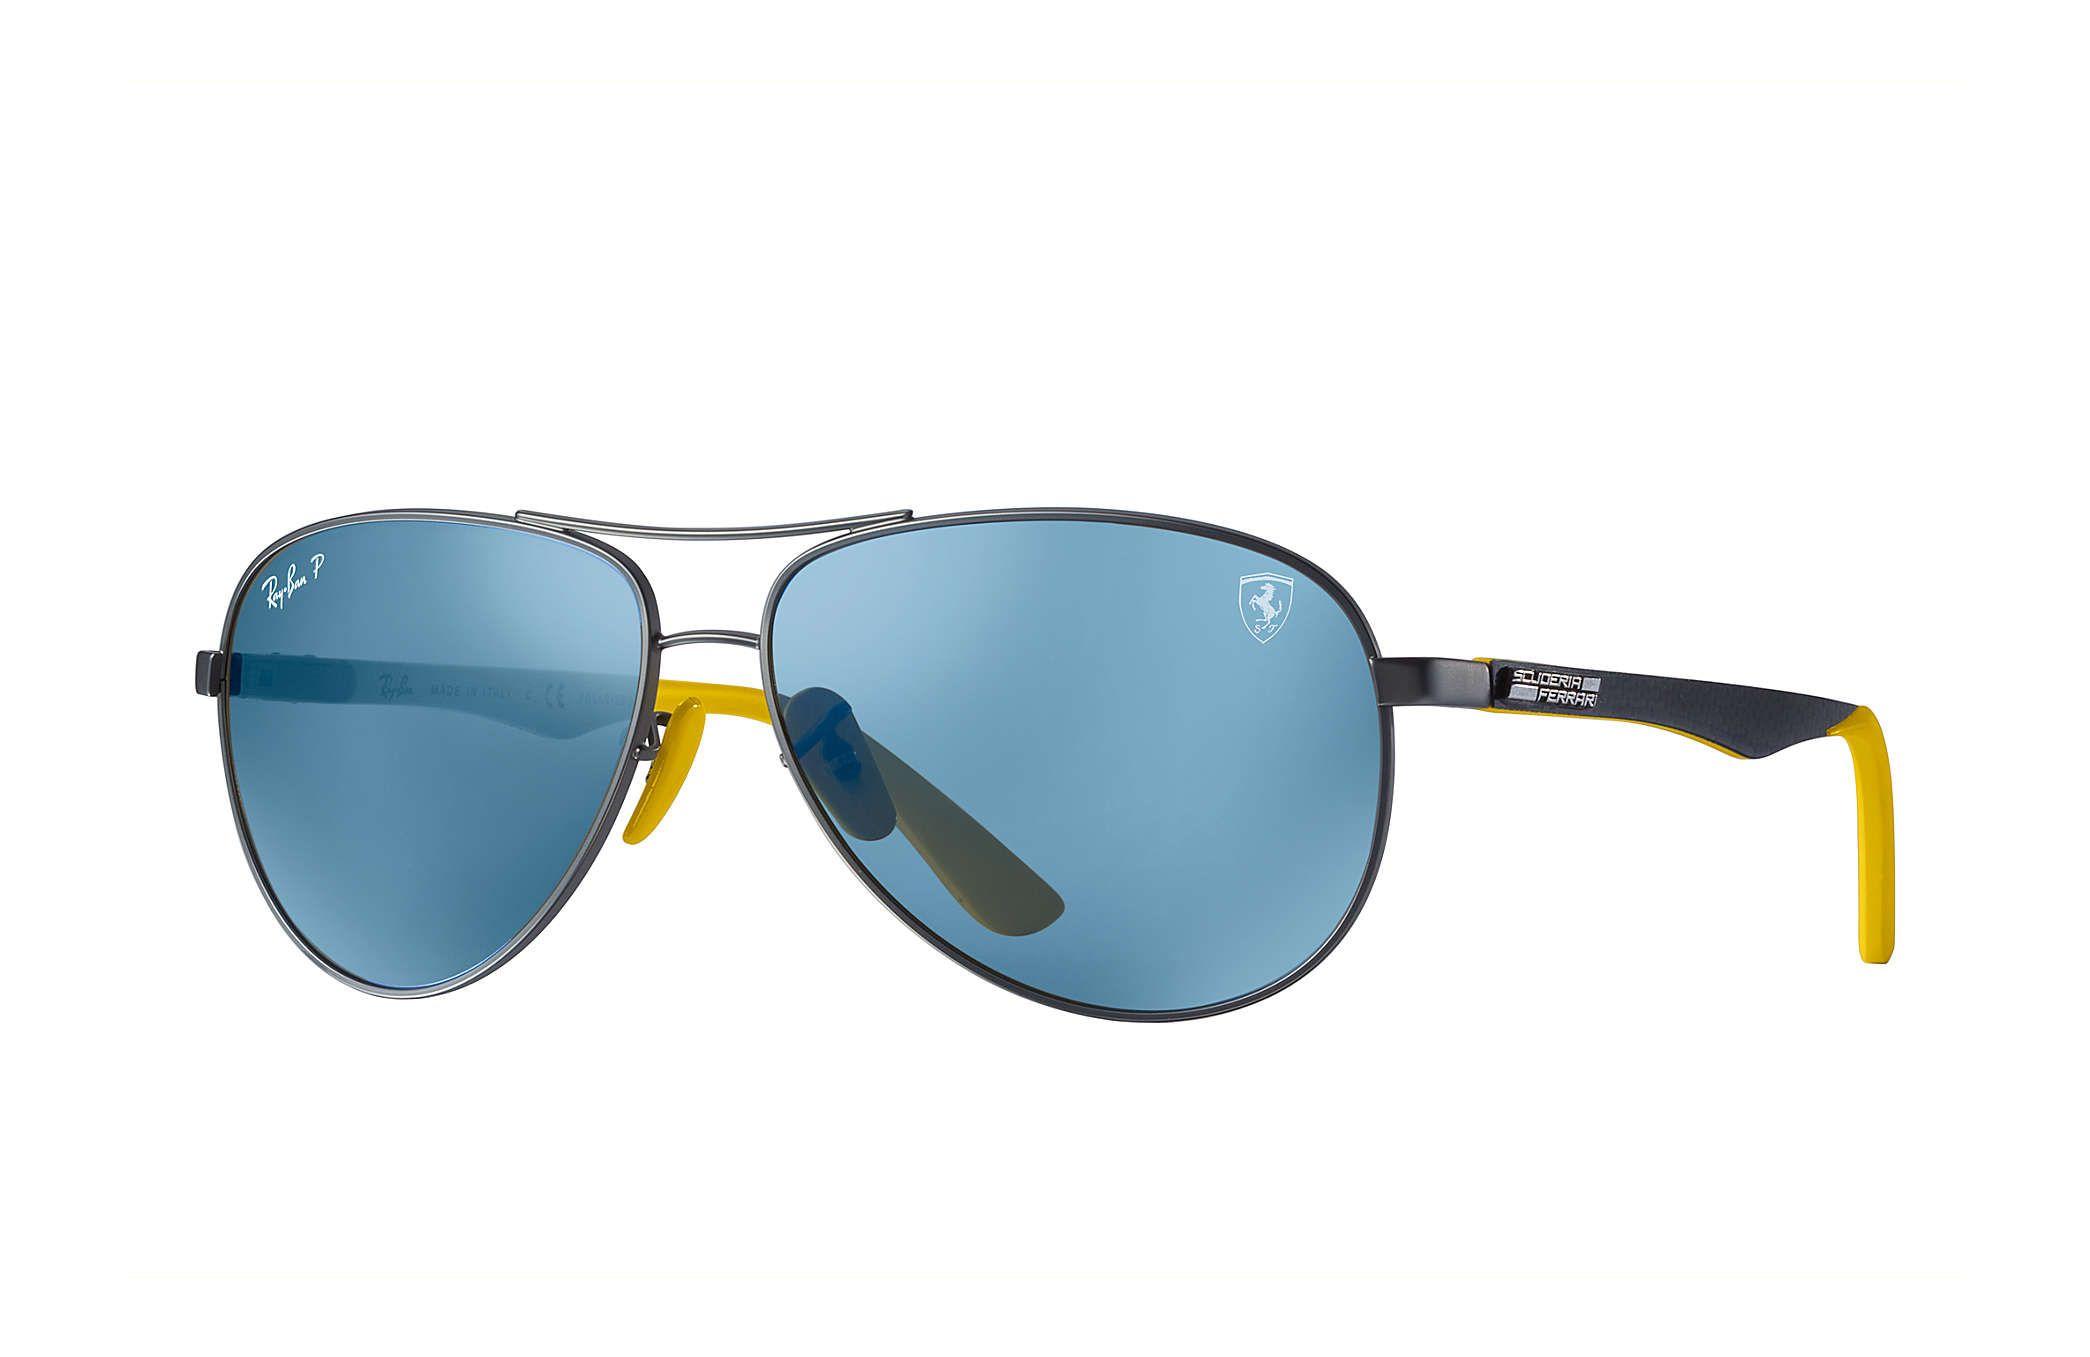 c105588d0e1a2 Discover ideas about Black Sunglasses. Price search results for Ray-Ban  Scuderia Ferrari ...